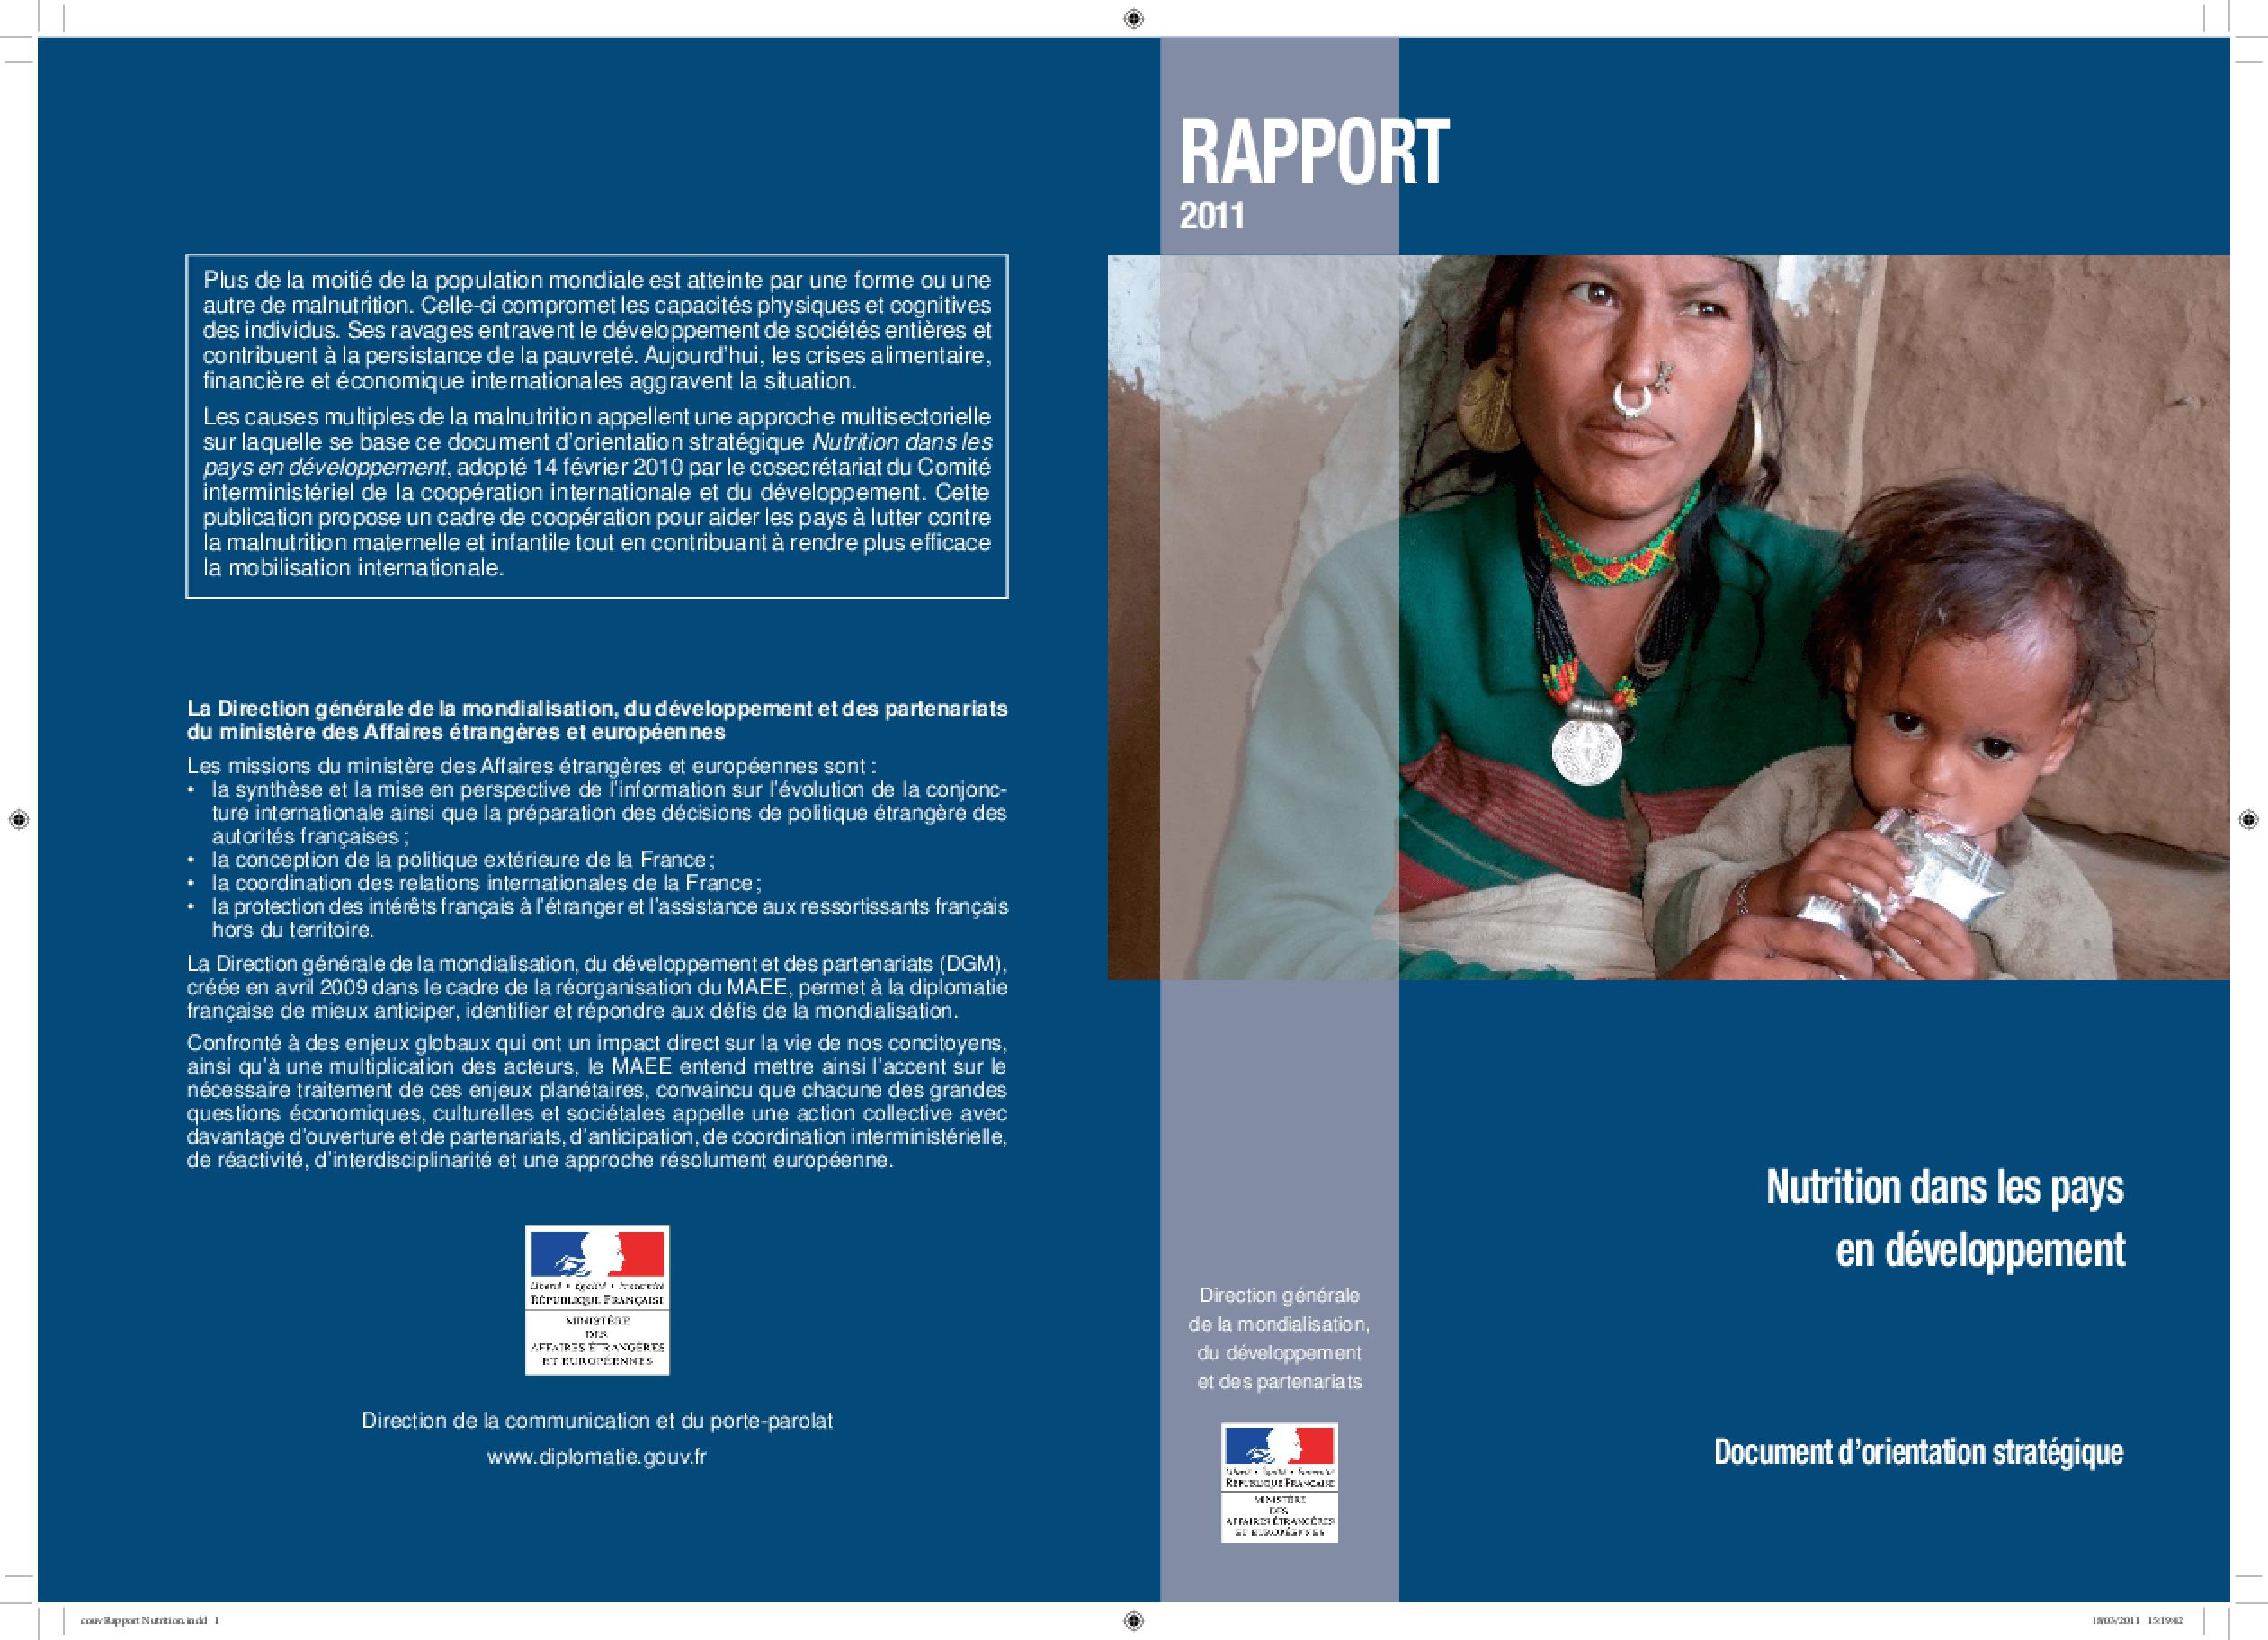 Nutrition Dans Les Pays en Développement